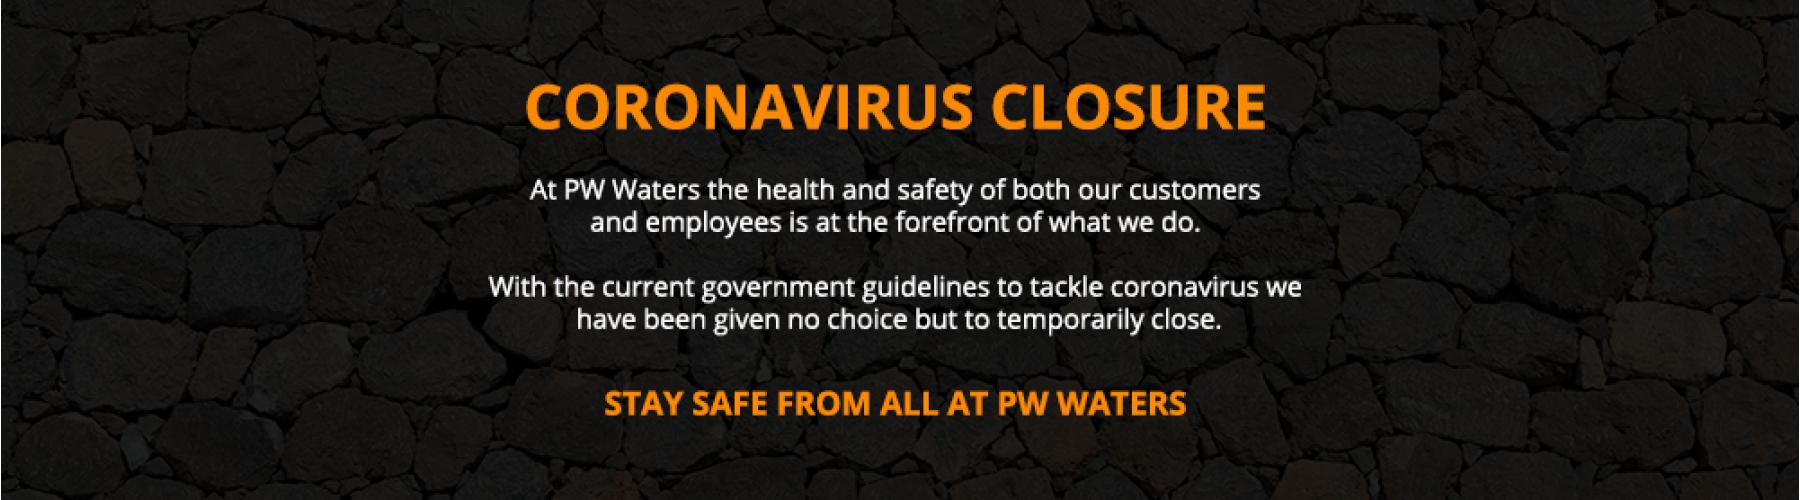 Corona Virus Closure